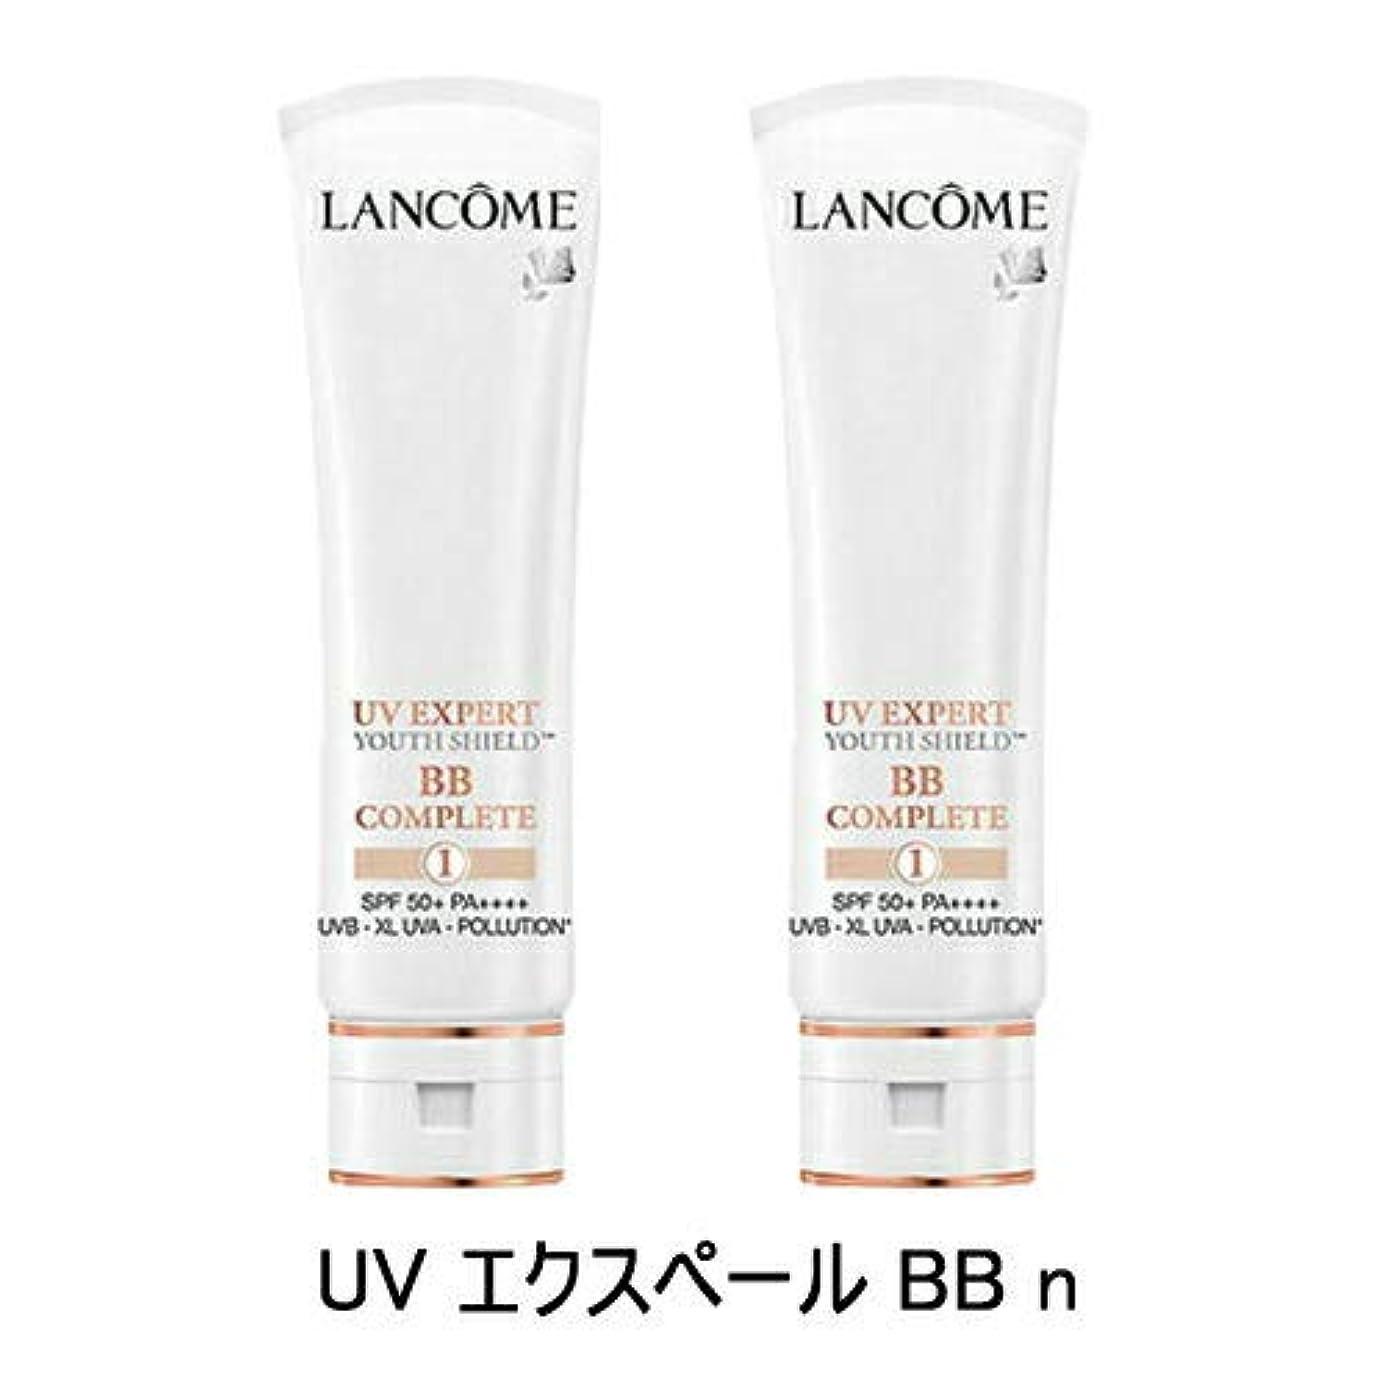 【2本セット】ランコム UV エクスペール BB n SPF50+/PA++++ [並行輸入品]